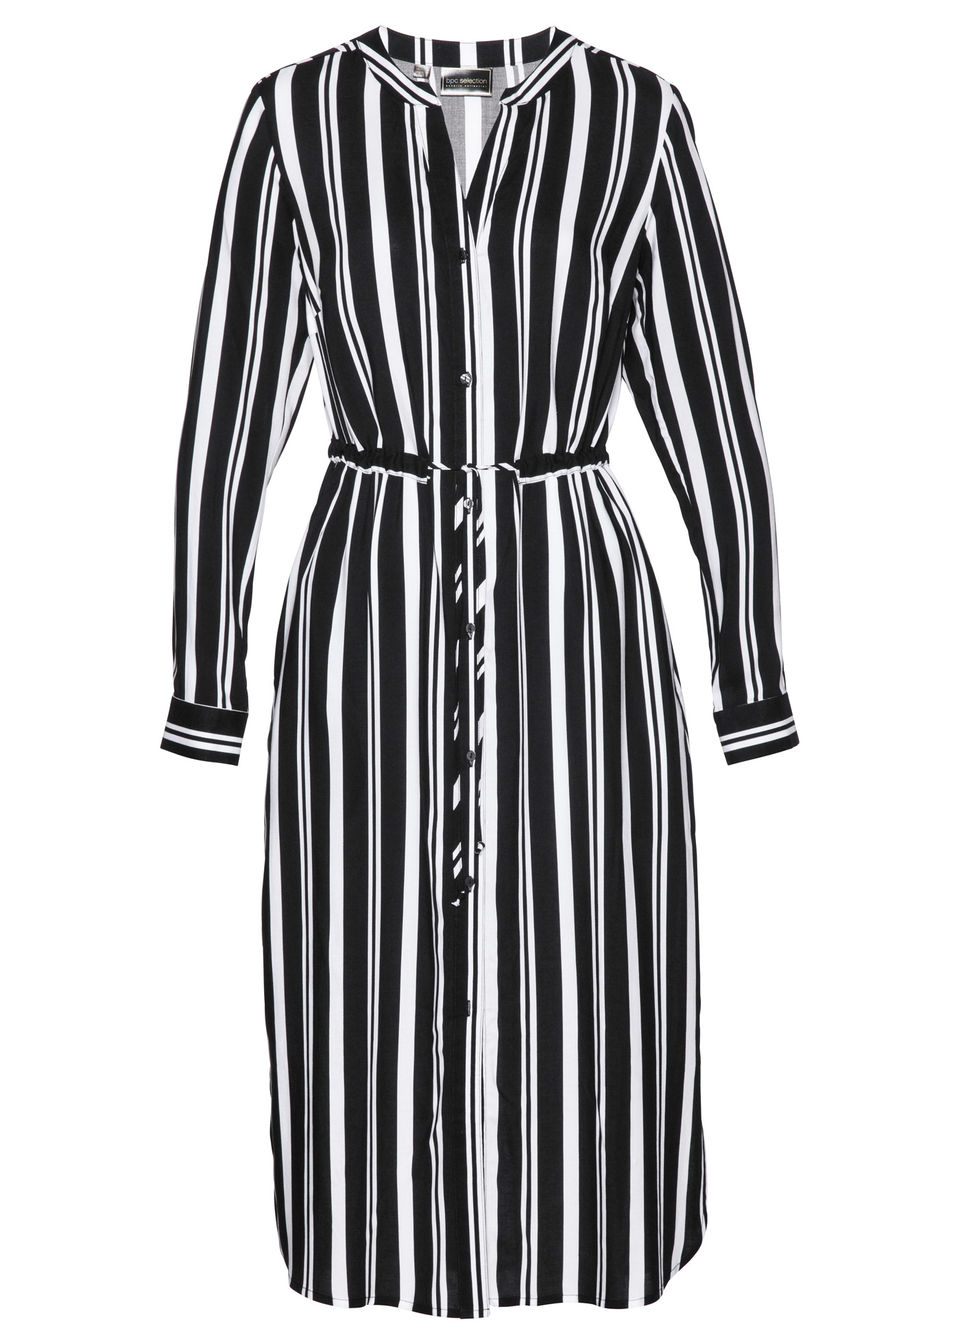 Купить Платье рубашечного покроя, bonprix, черный/белый с рисунком